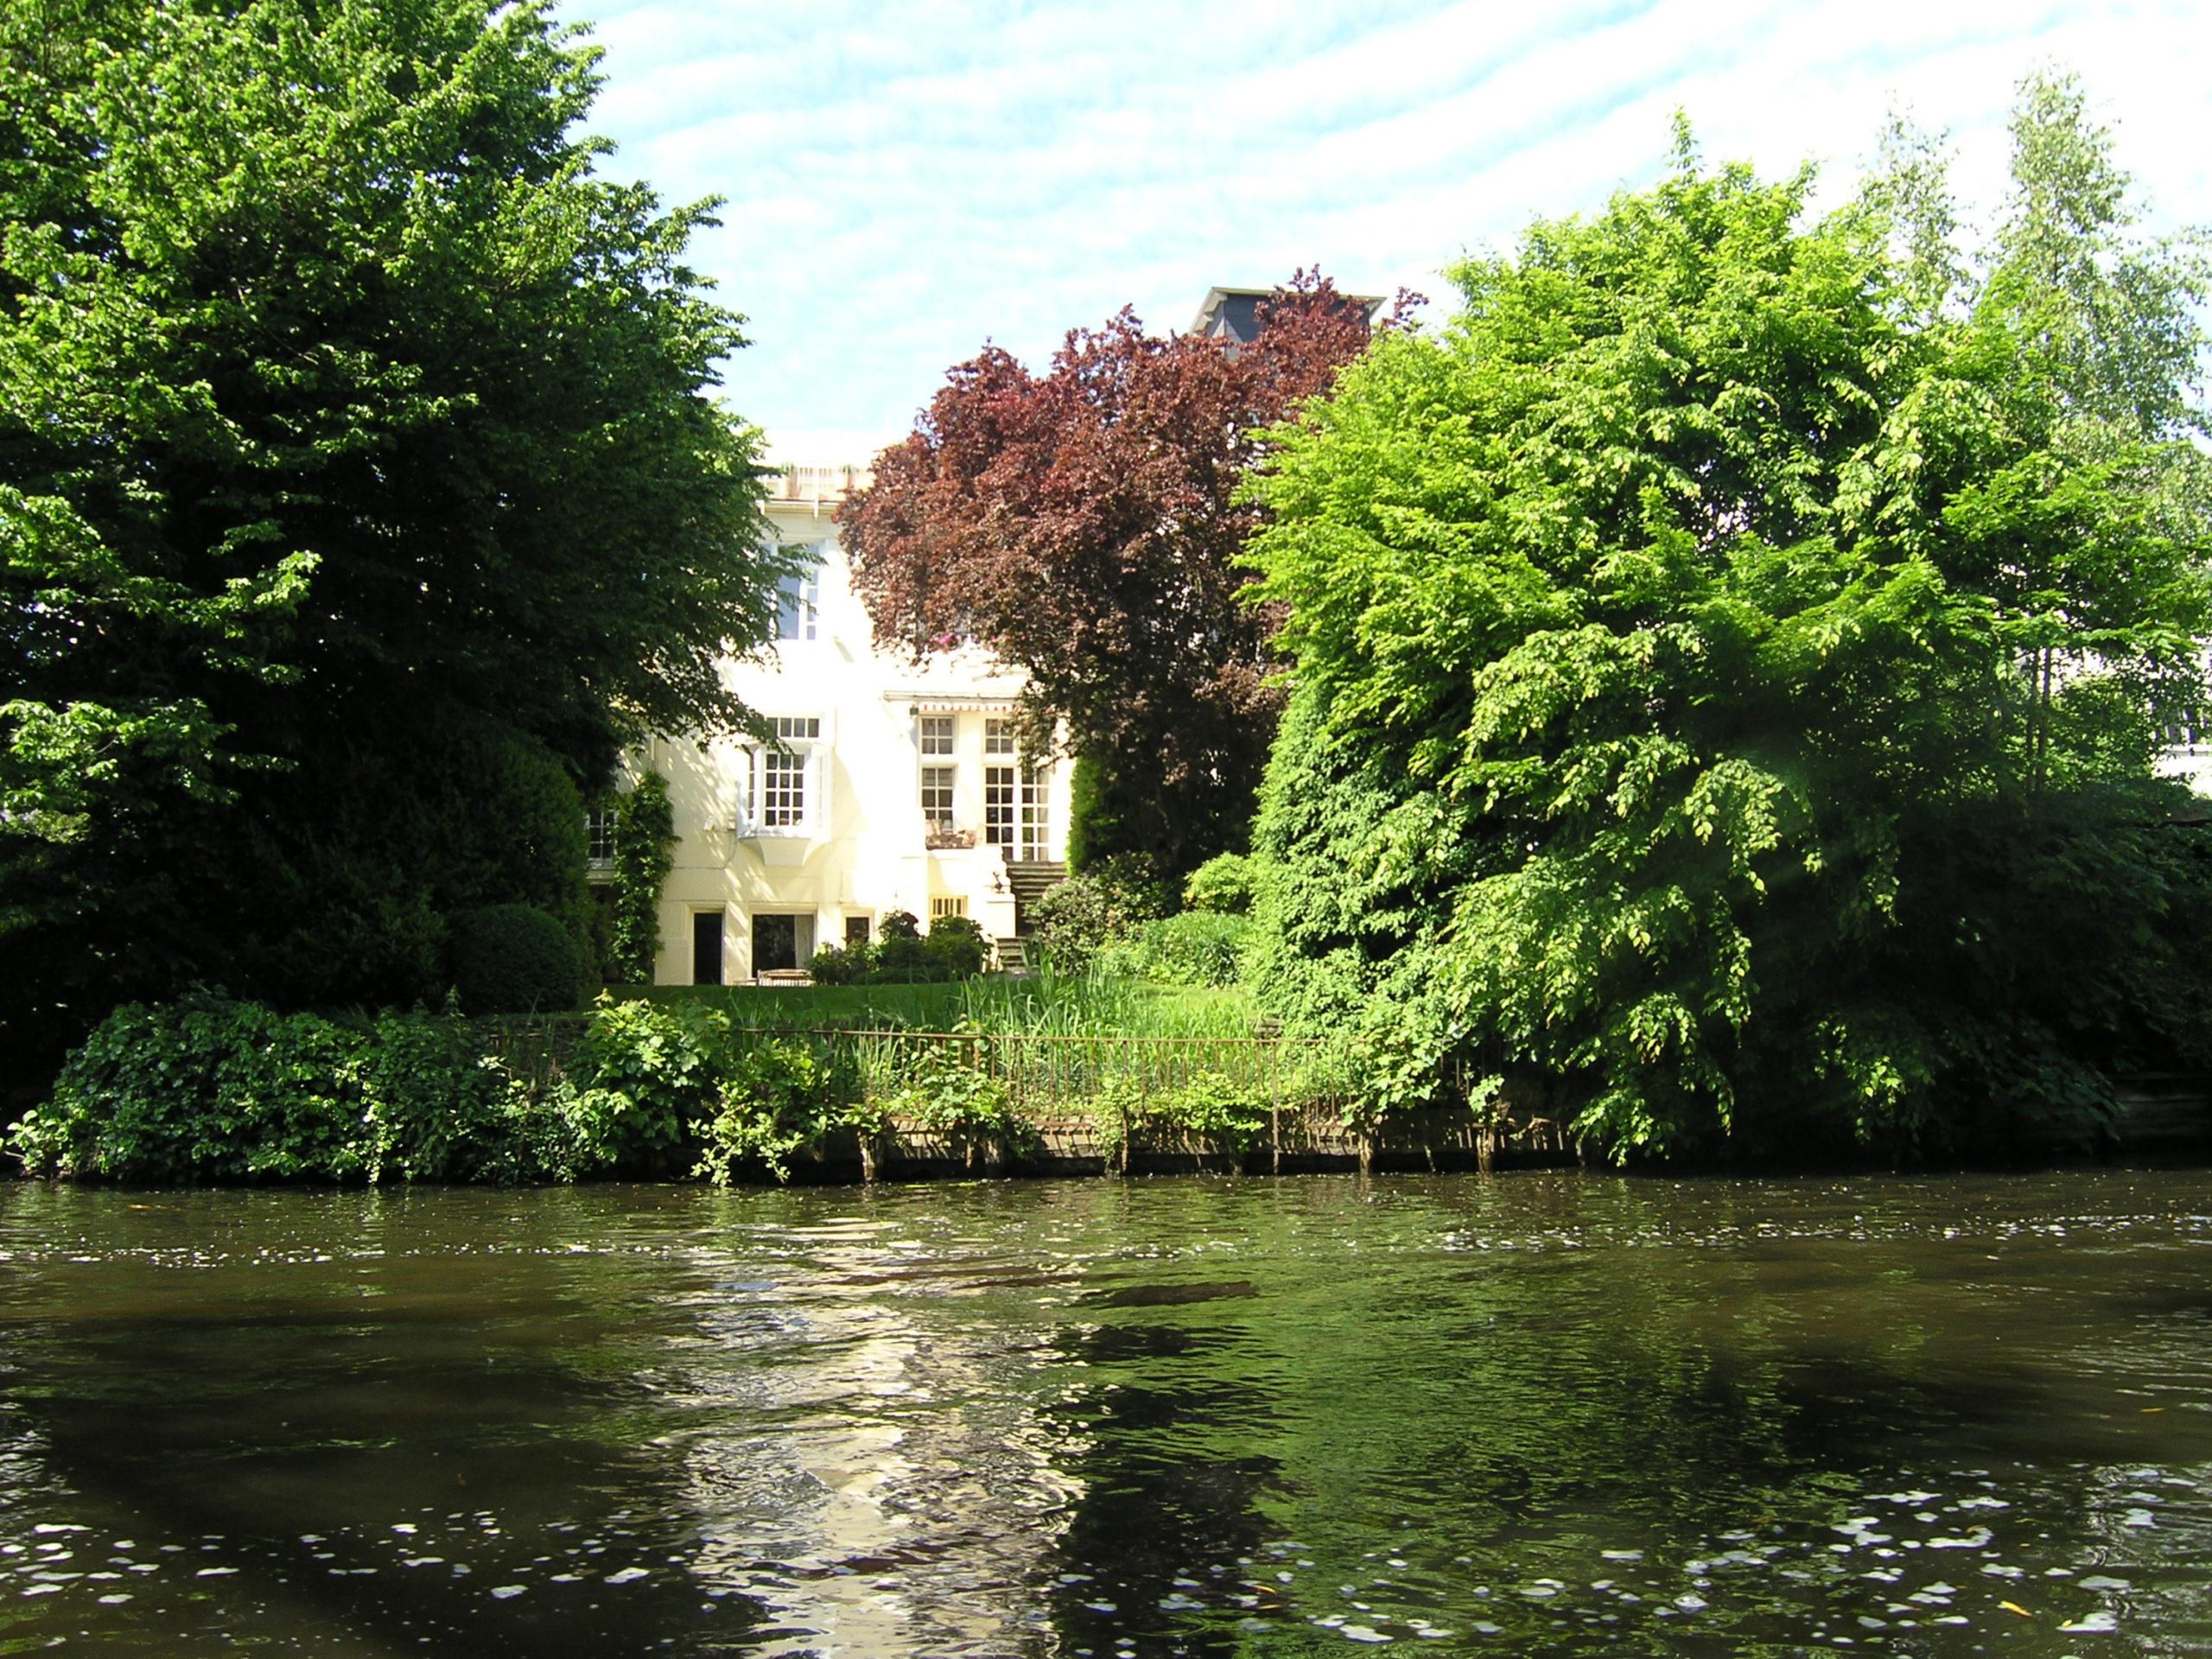 hamburg widok na roślinność, wodę i budynek